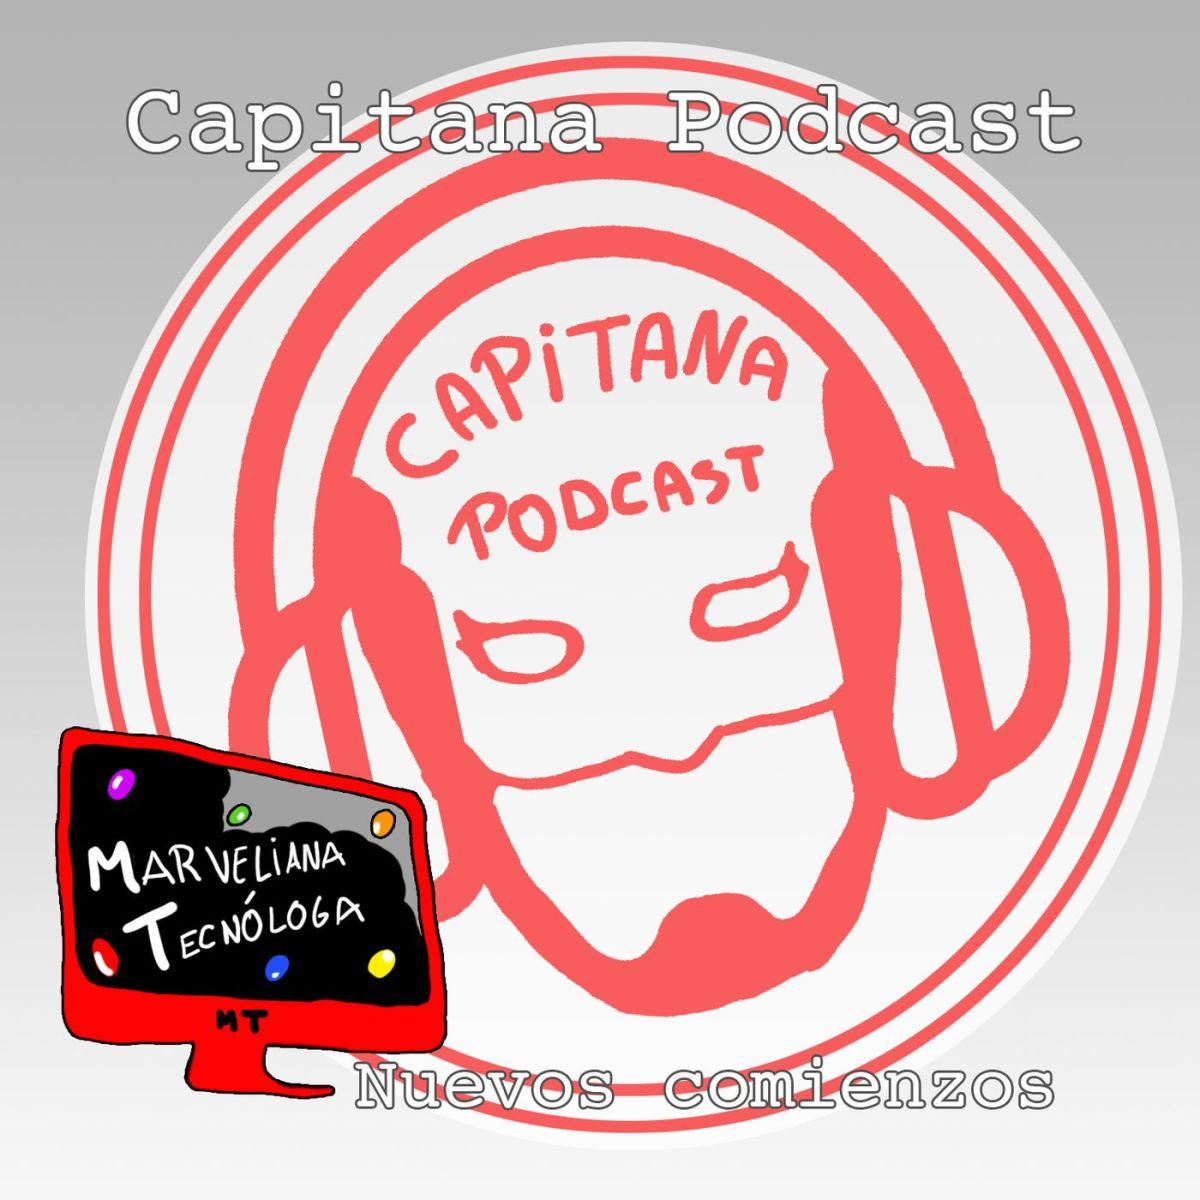 Empezando una nueva etapa: Capitana Podcast